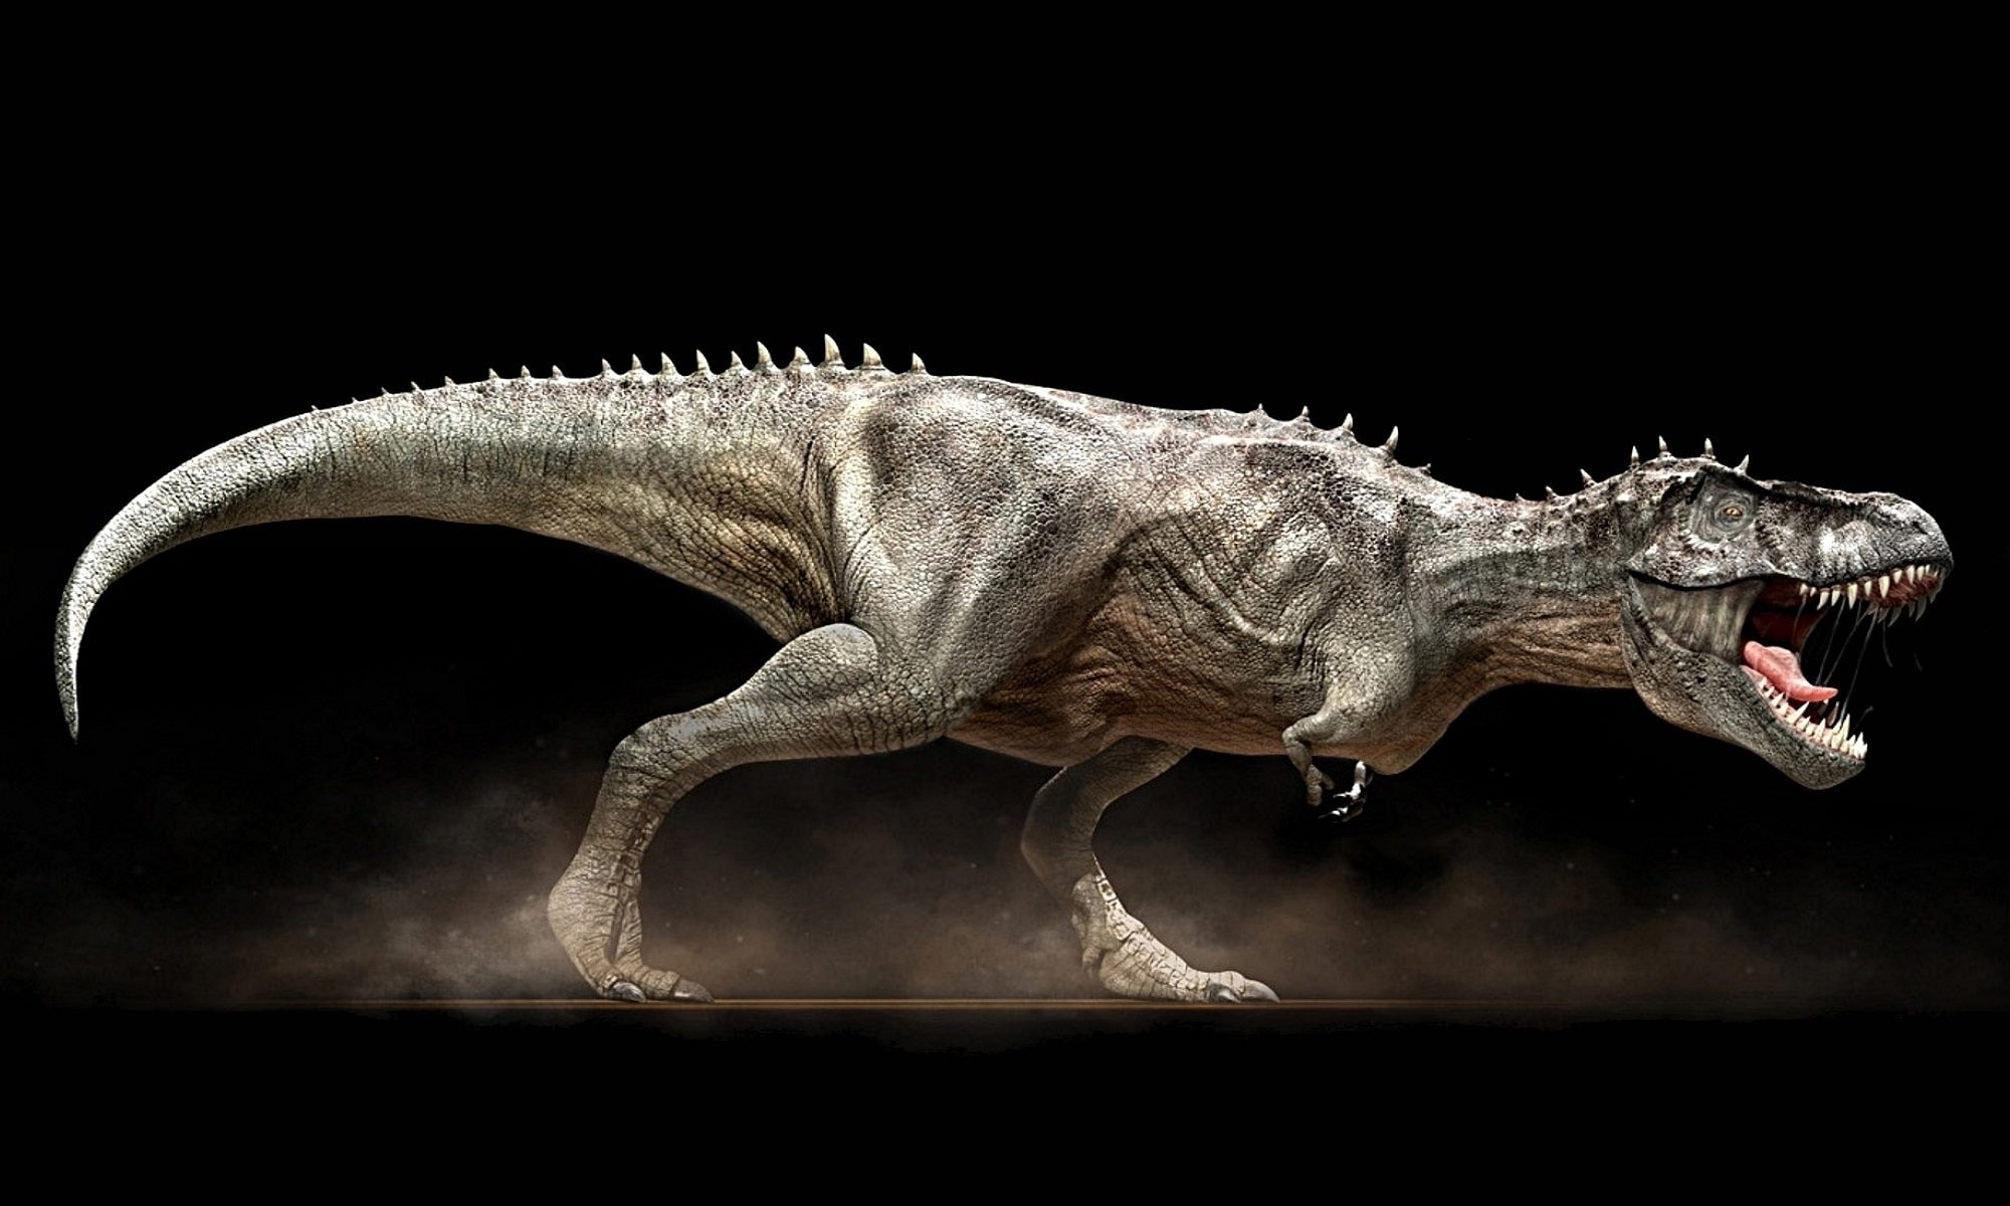 Тираннозавр - один из самых больших динозавров